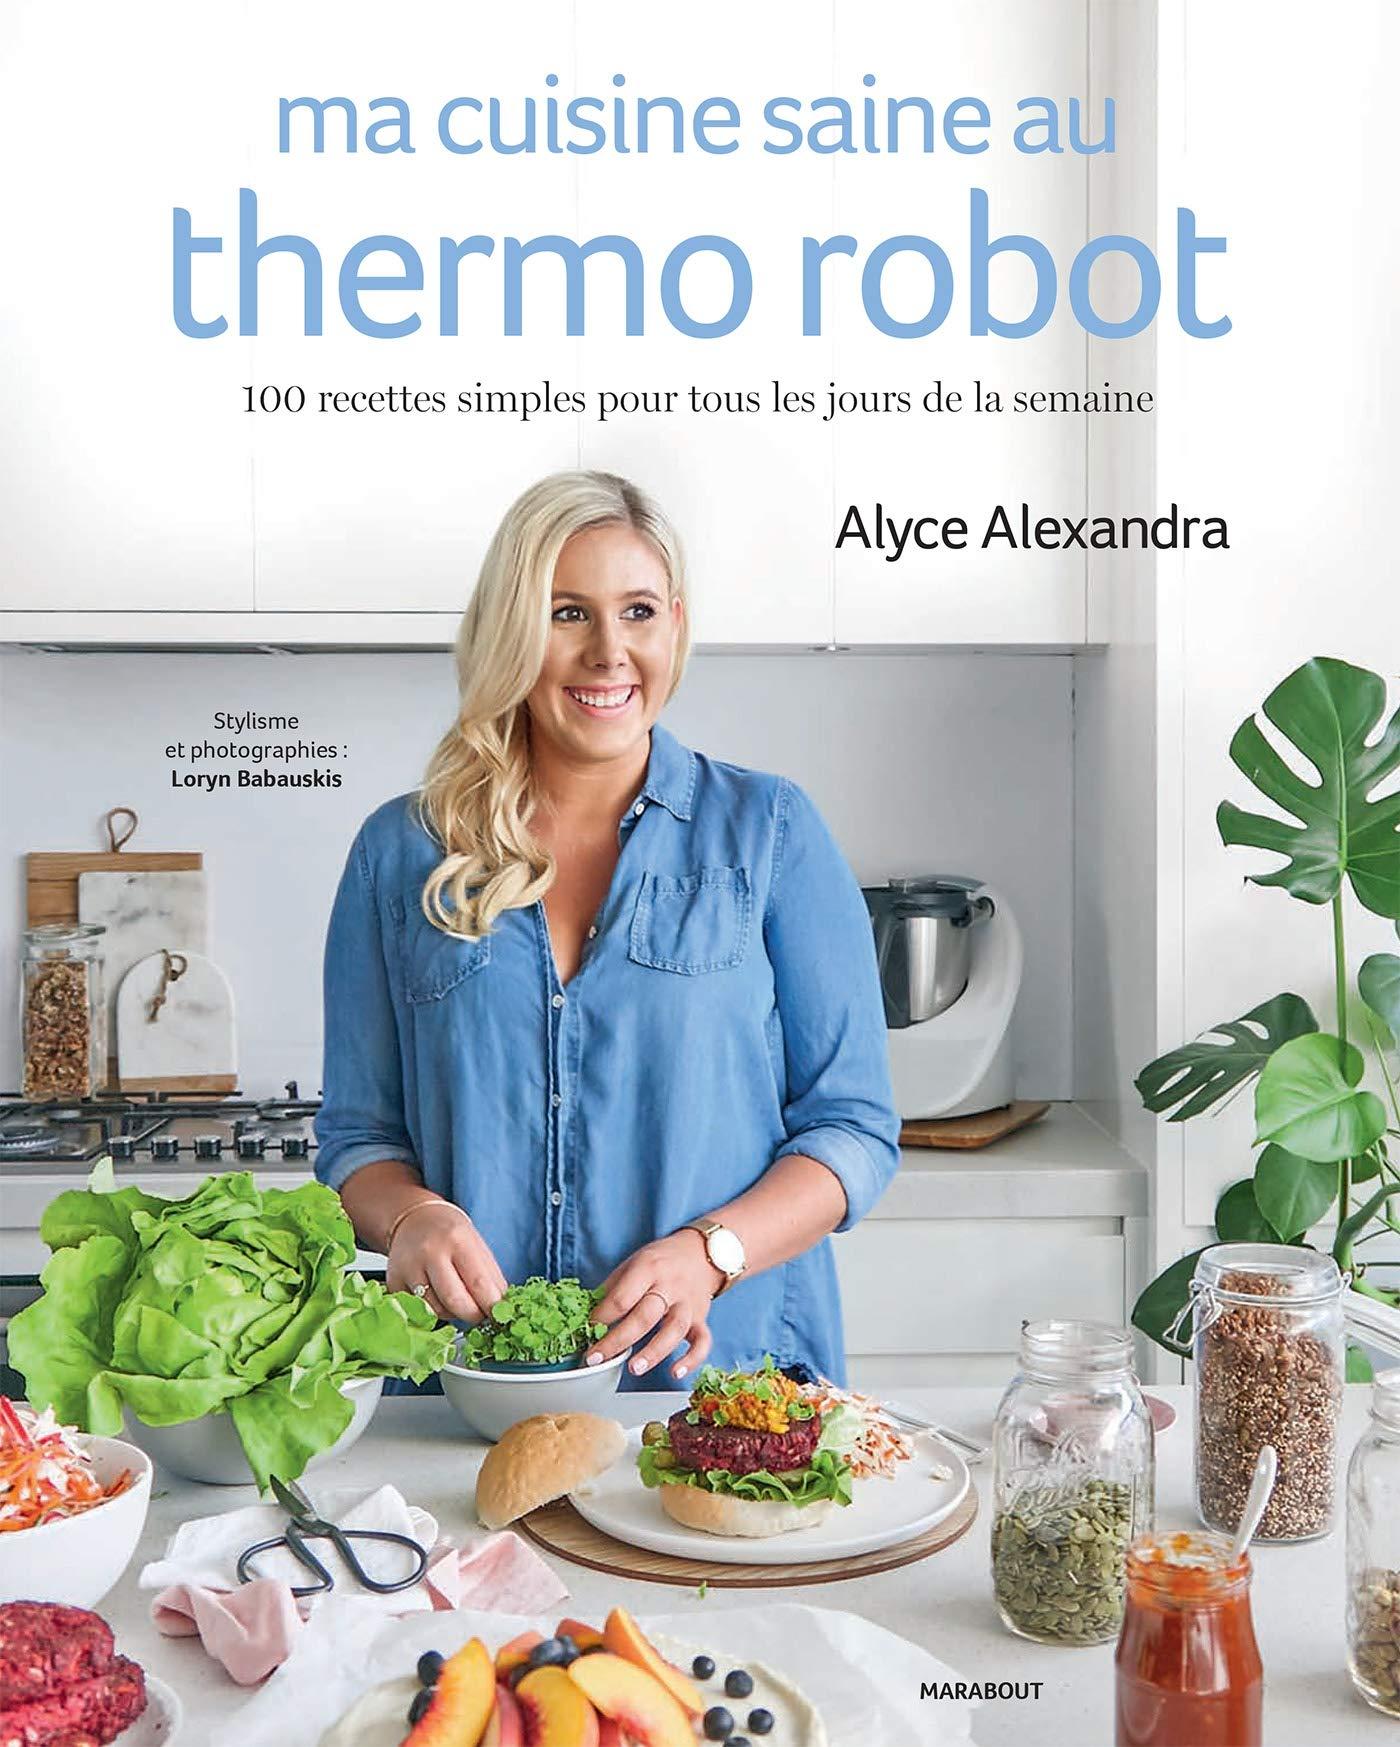 Ma cuisine saine au thermo robot: 31653: Amazon.es: Alexandra, Alyce: Libros en idiomas extranjeros